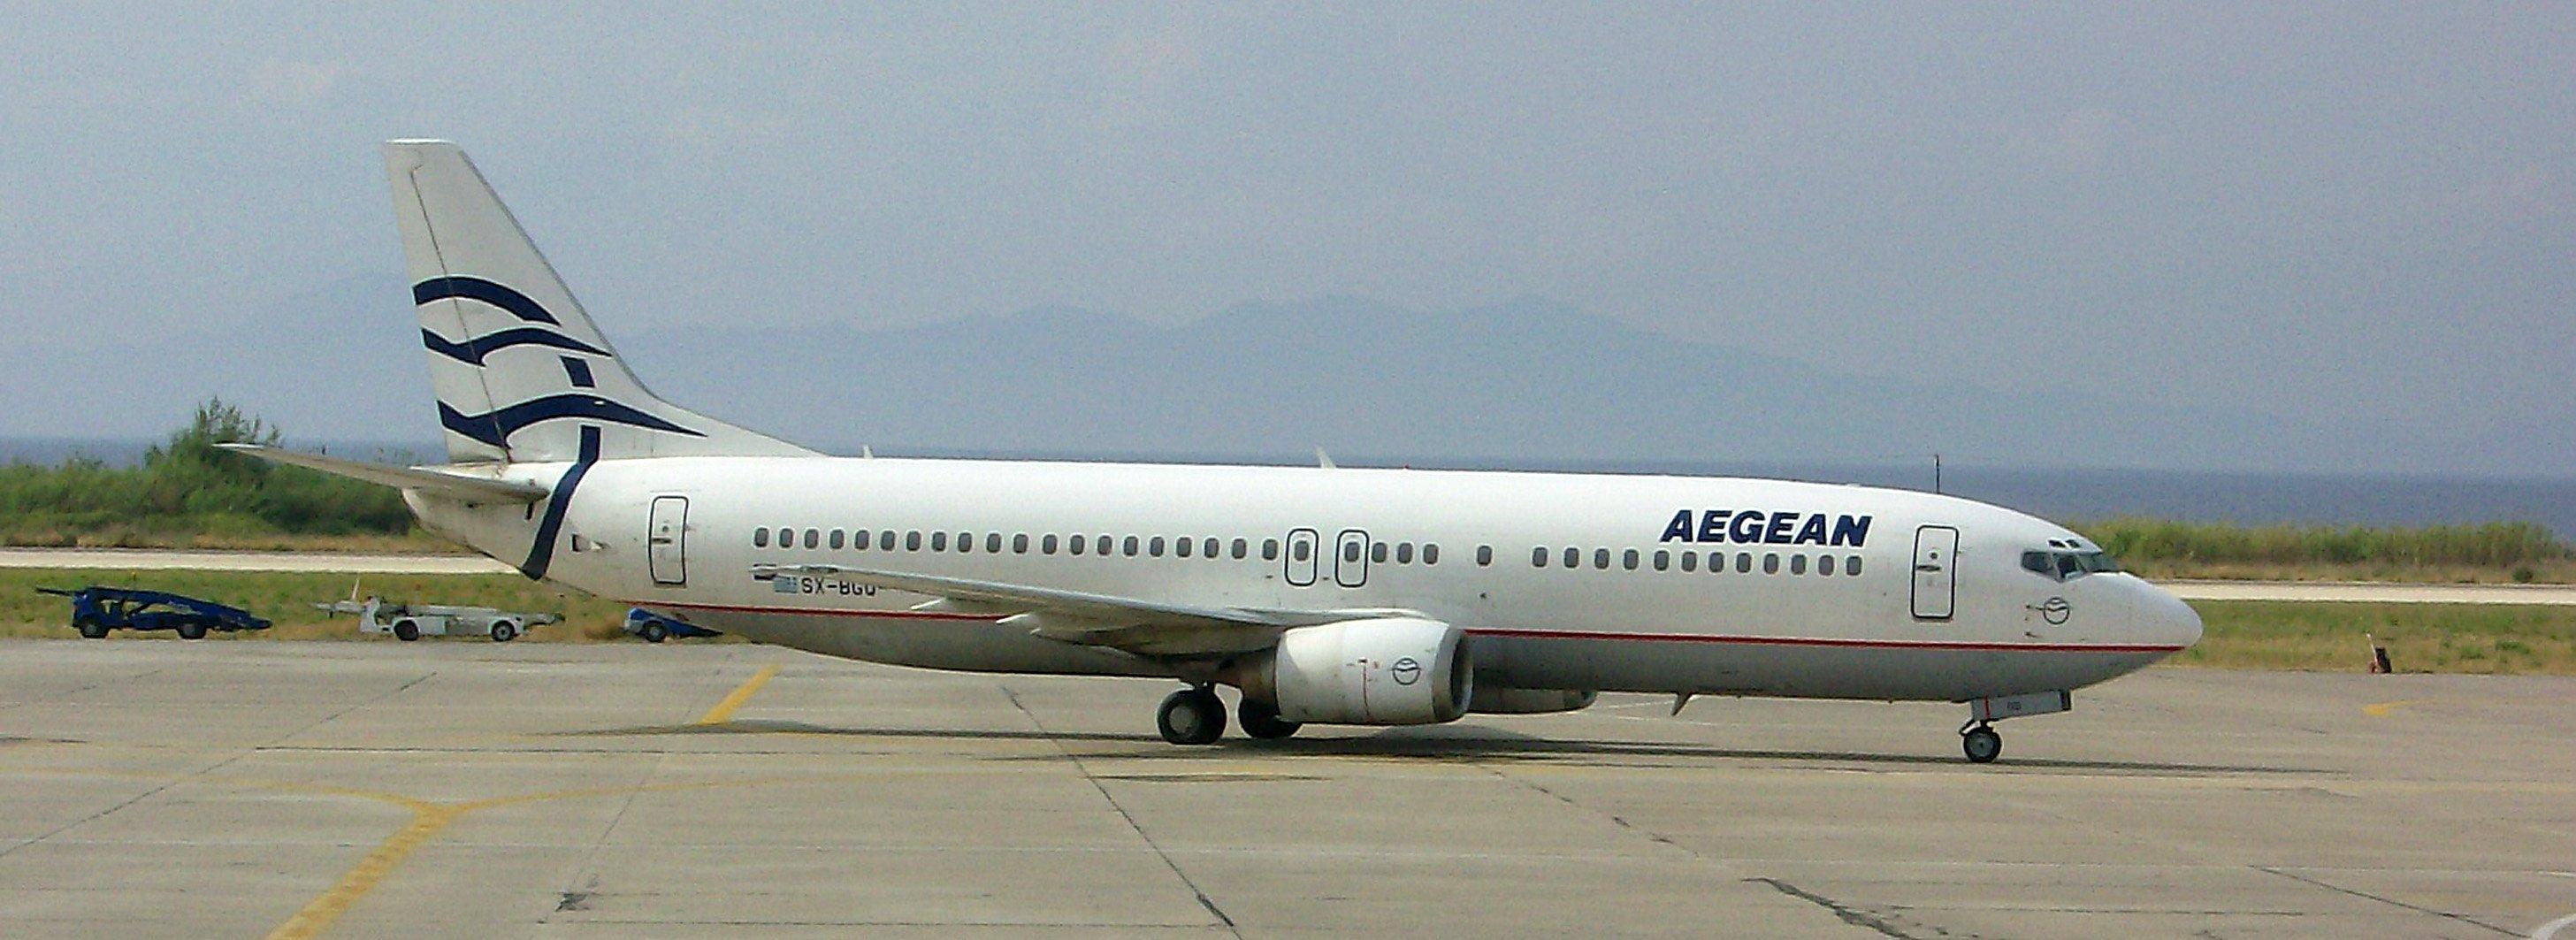 Aegean Air Maschine.